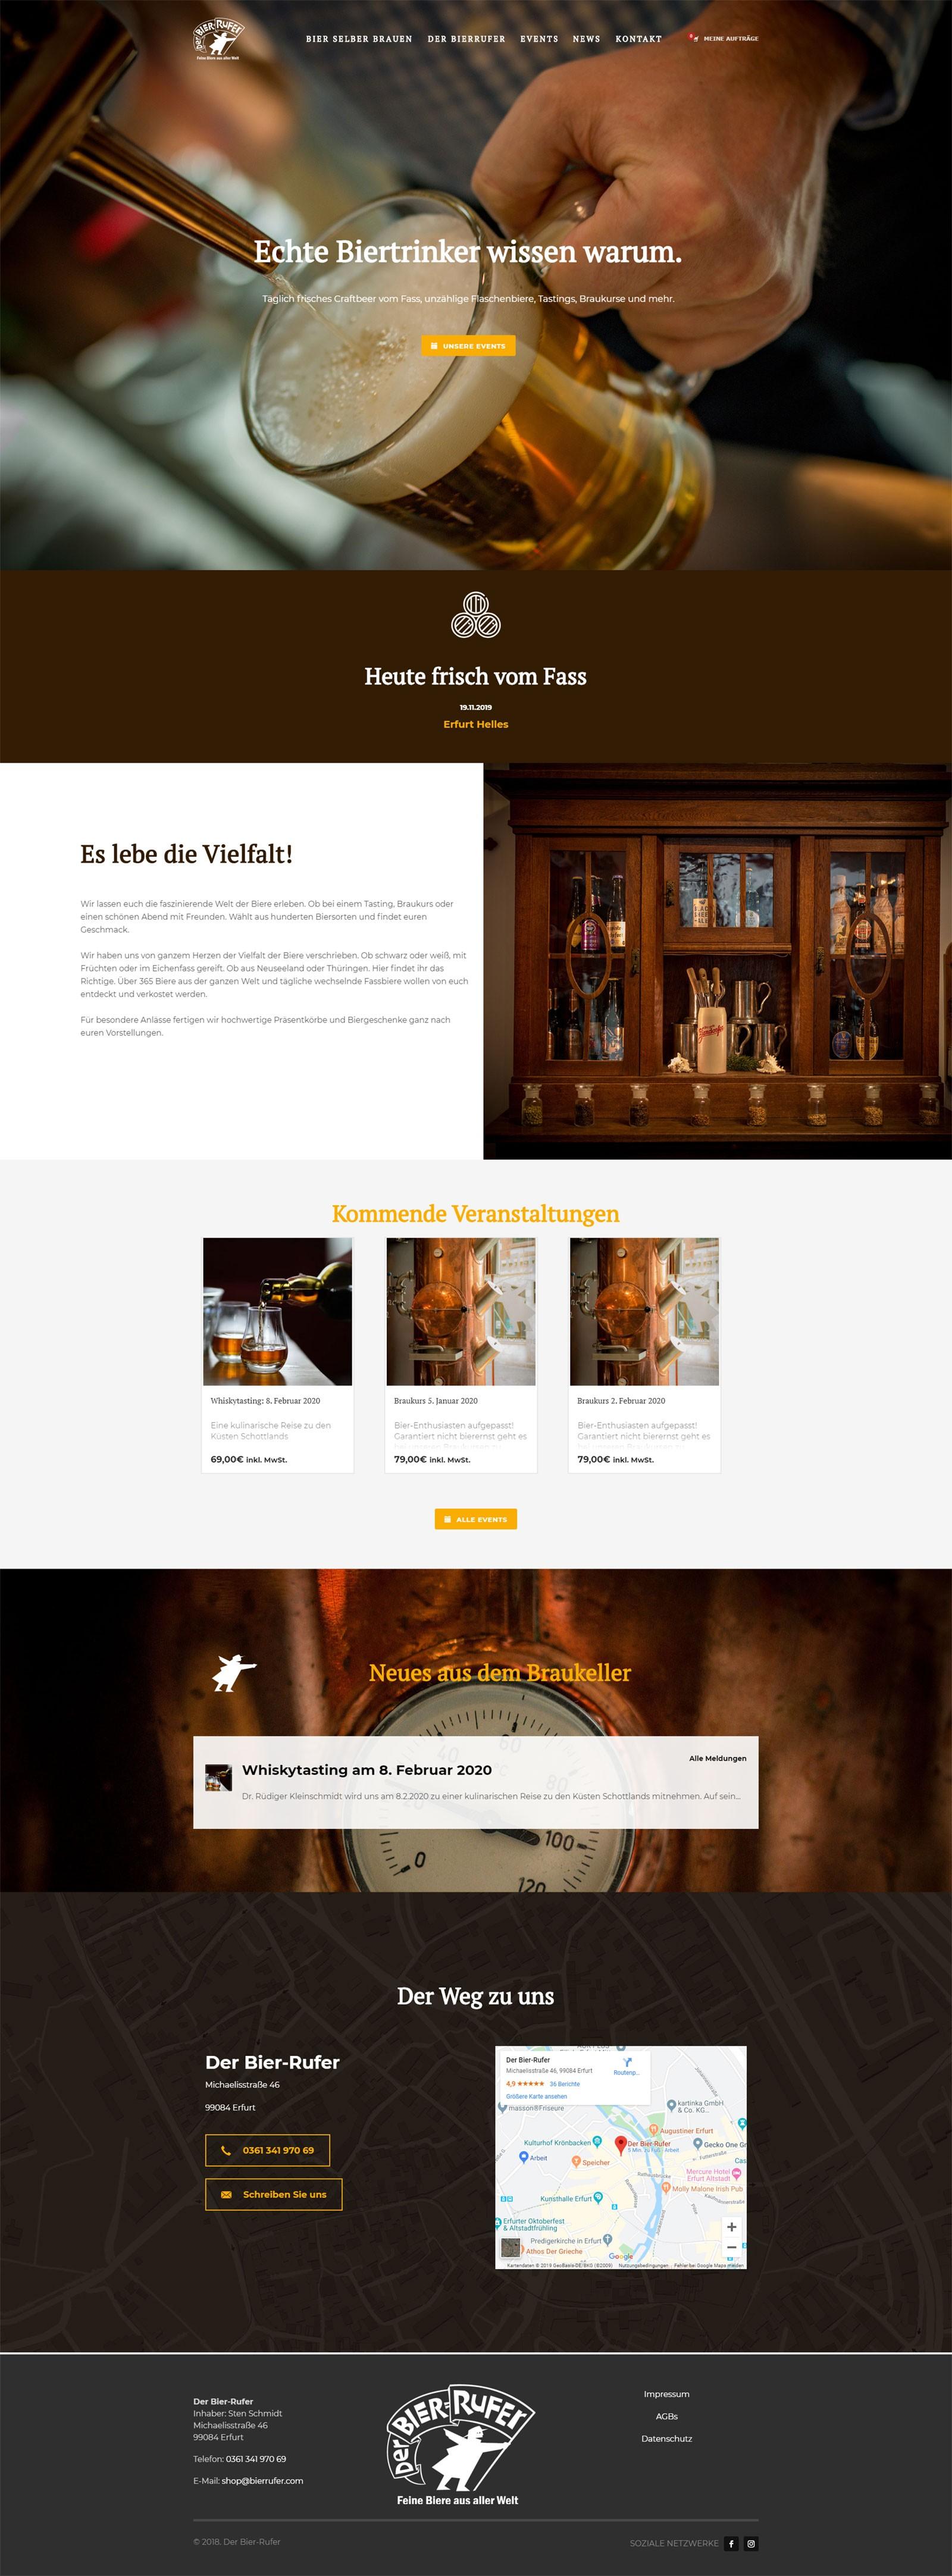 Der Bierrufer Erfurt: Website - Startseite